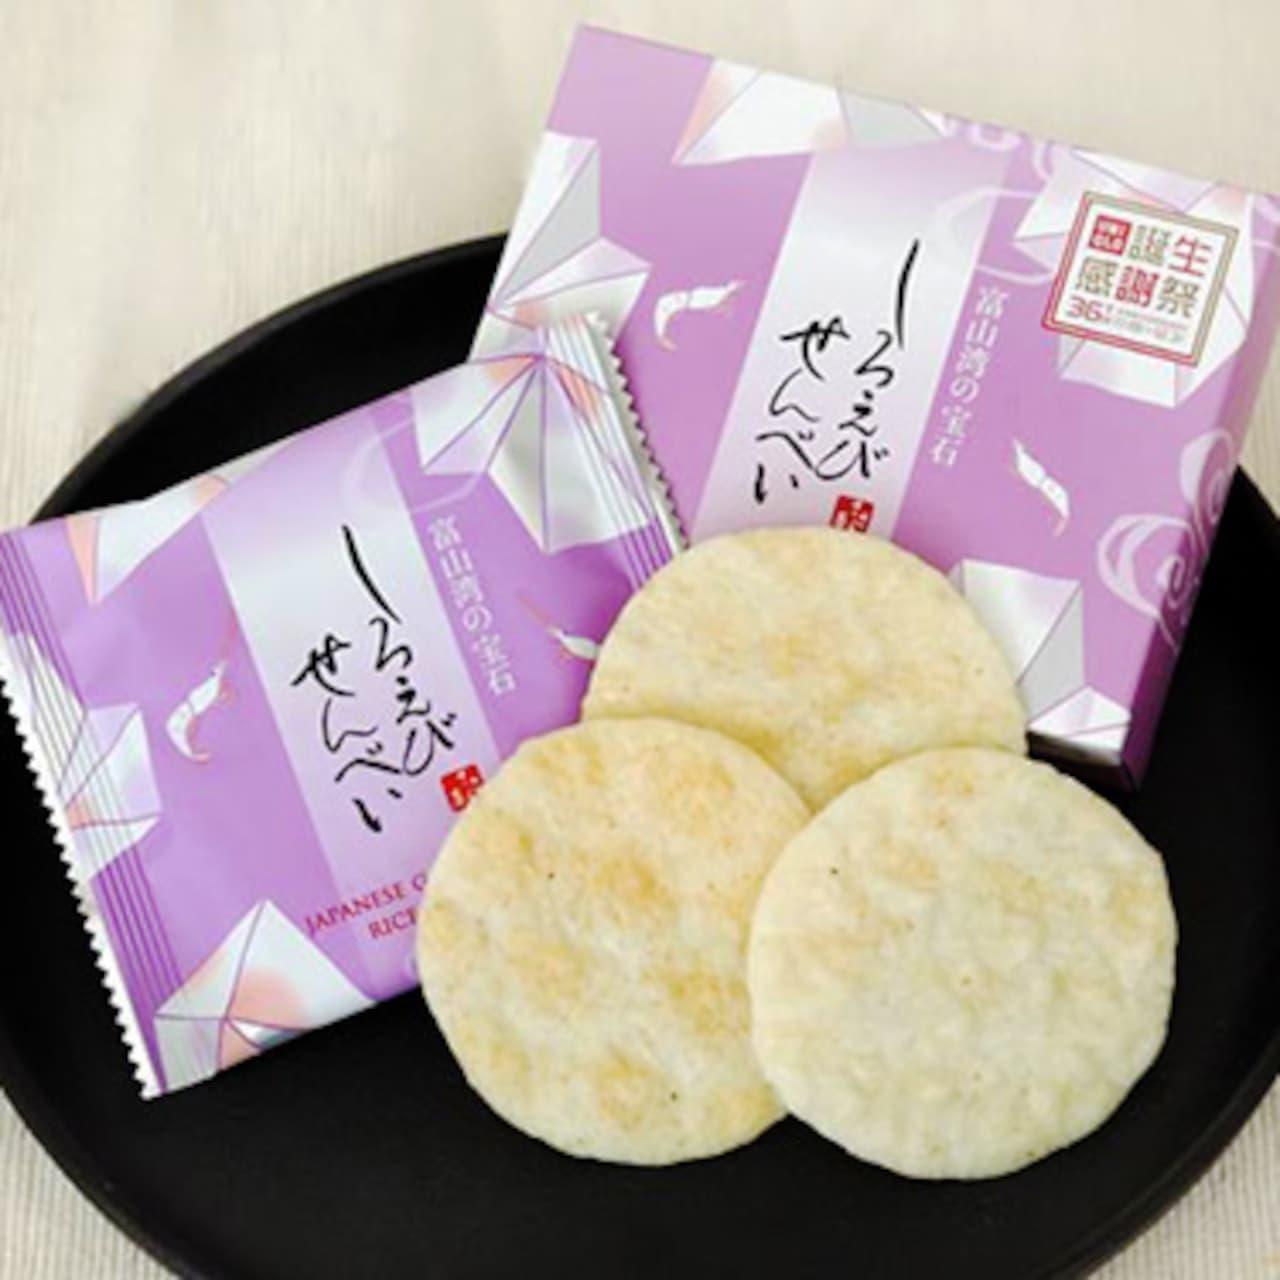 ユニクロで「全国47都道府県ご当地銘菓プレゼント」